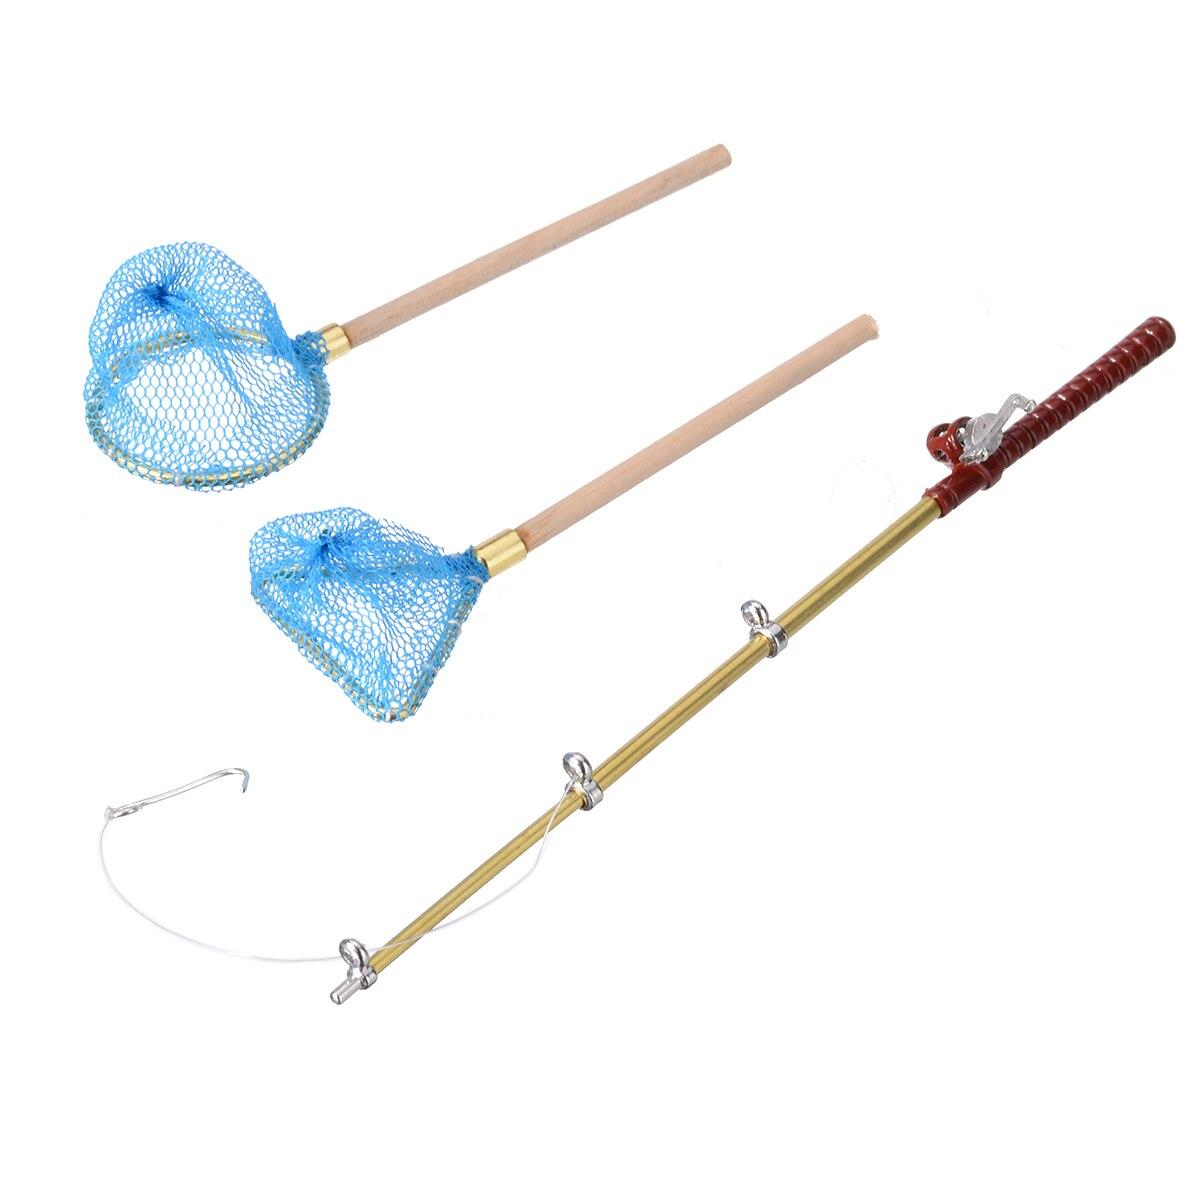 3 unids/set de caña de pescar en miniatura, red redonda triangular, Kit de red para decoración de casa de muñecas en miniatura 112, decoración de jardín